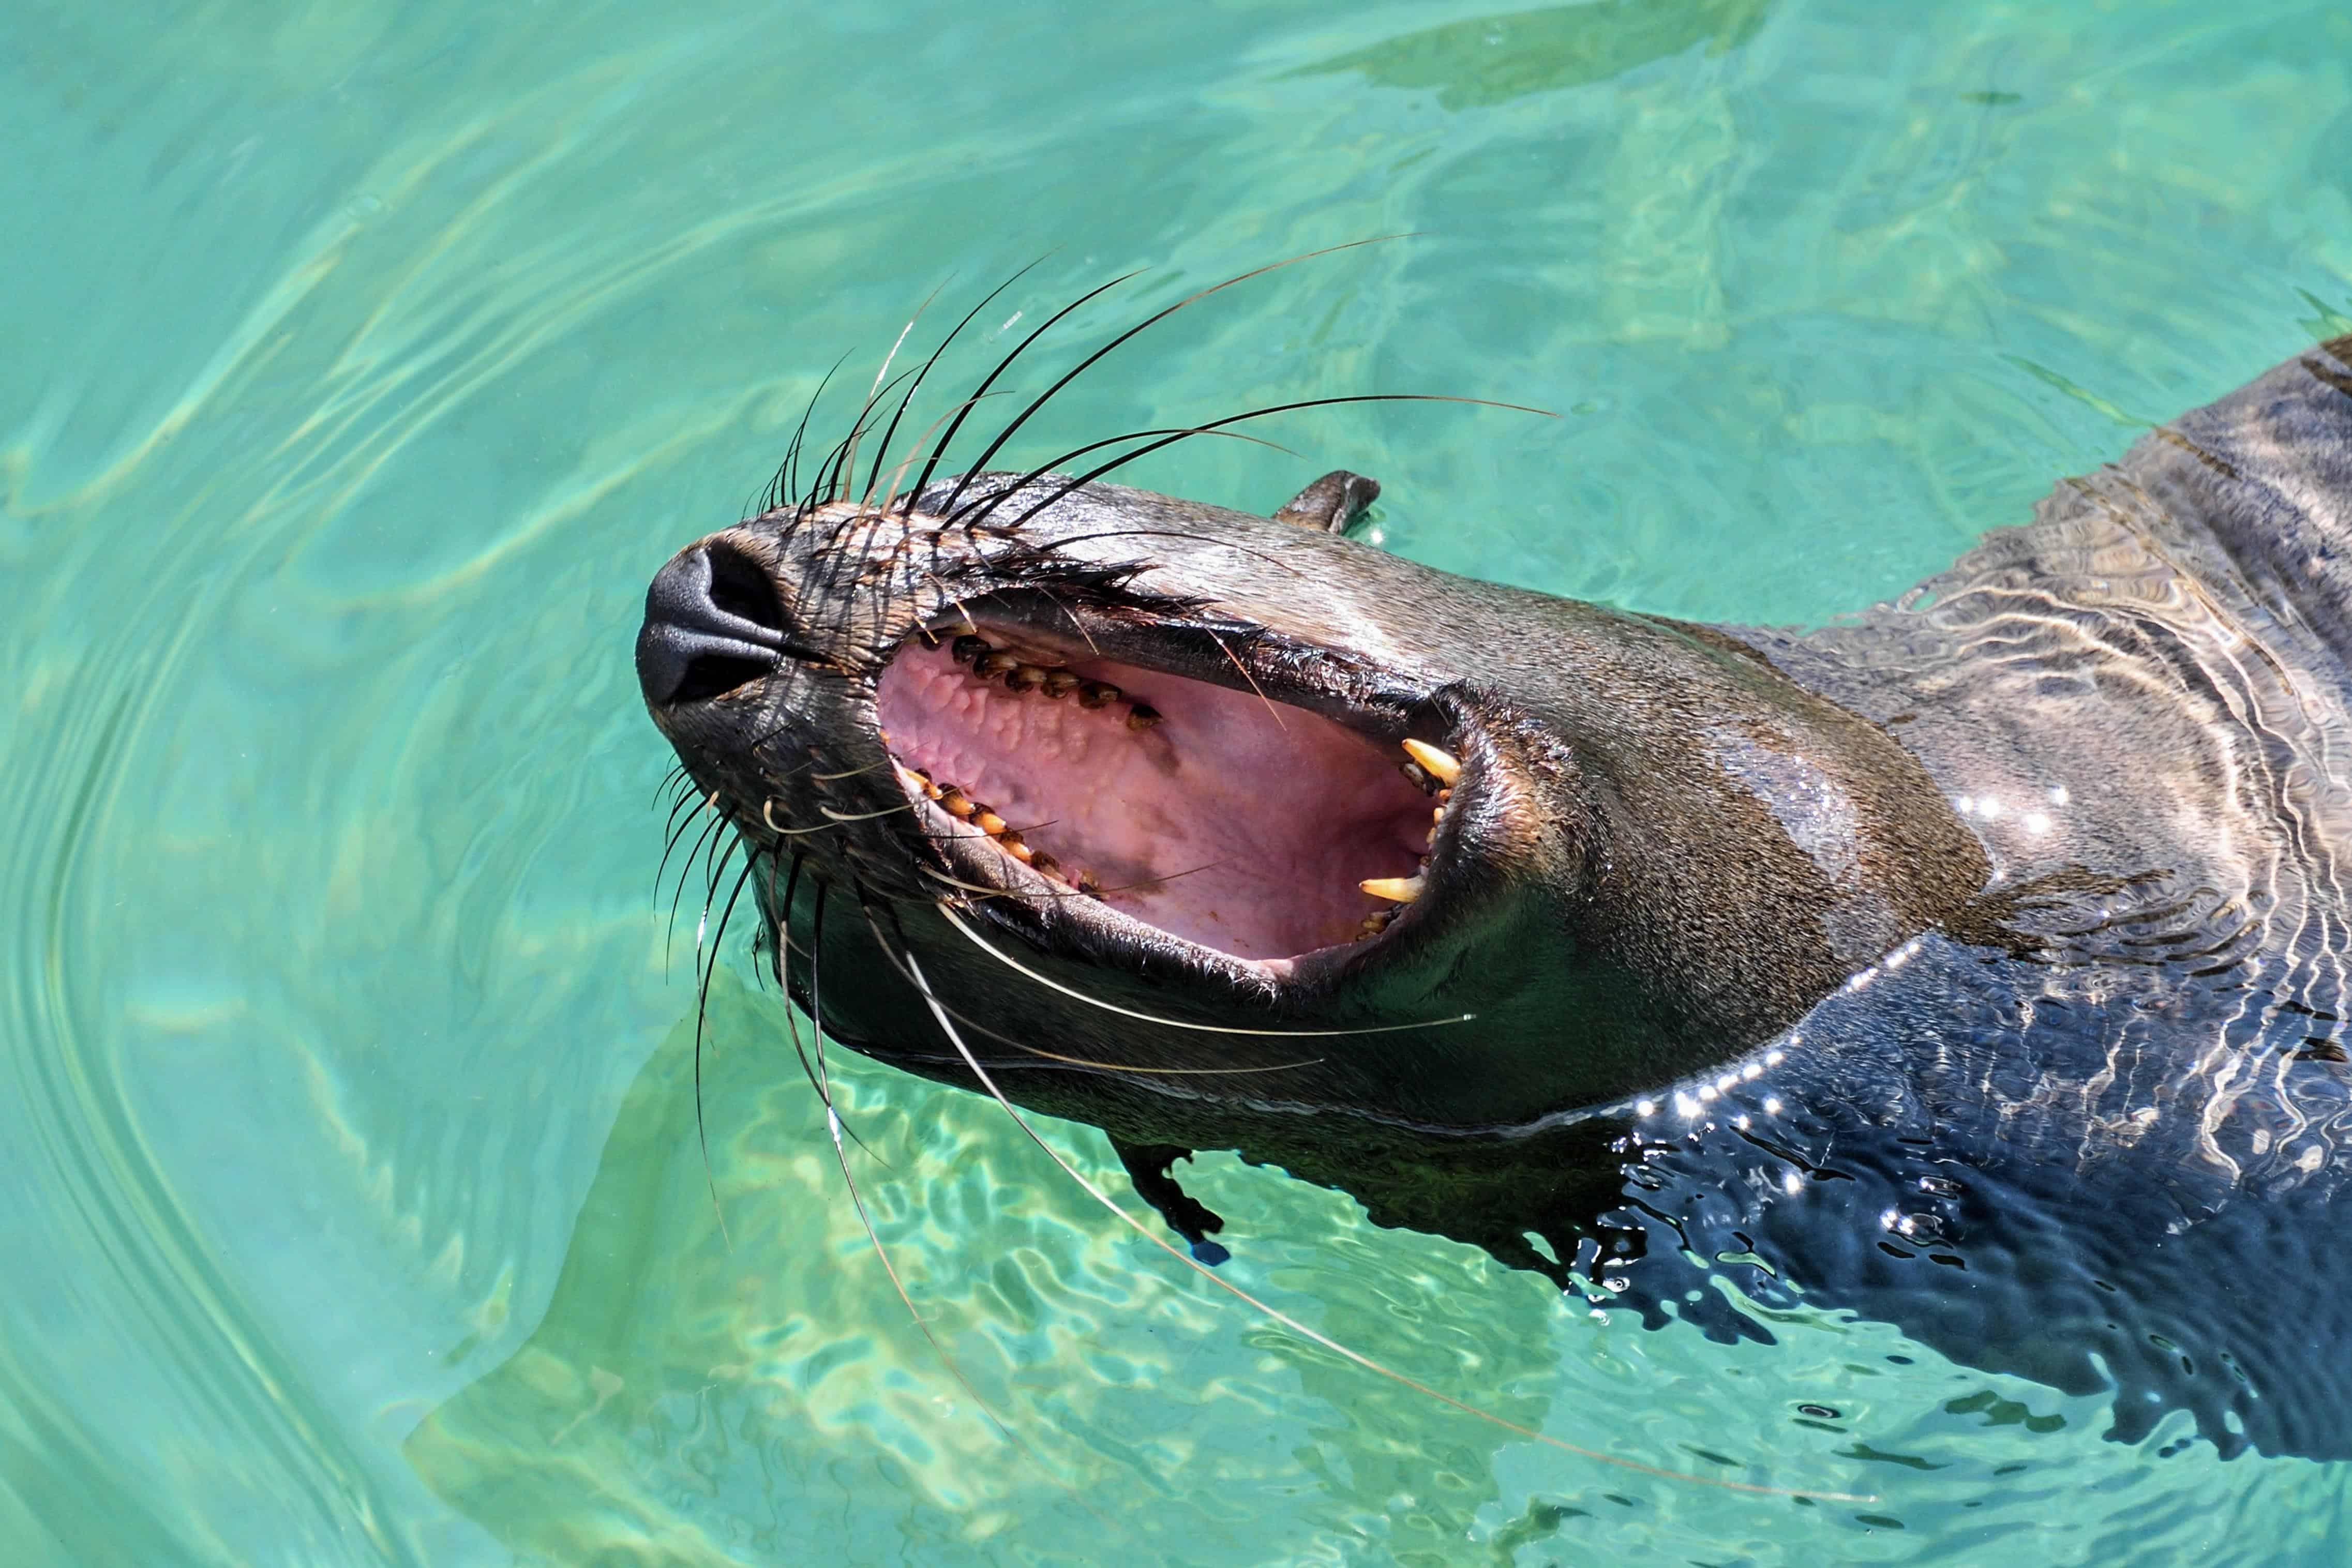 Kostenlose Bild: Otter, Wasser, Fell, Mund, Zunge, Zähne, Tier ...